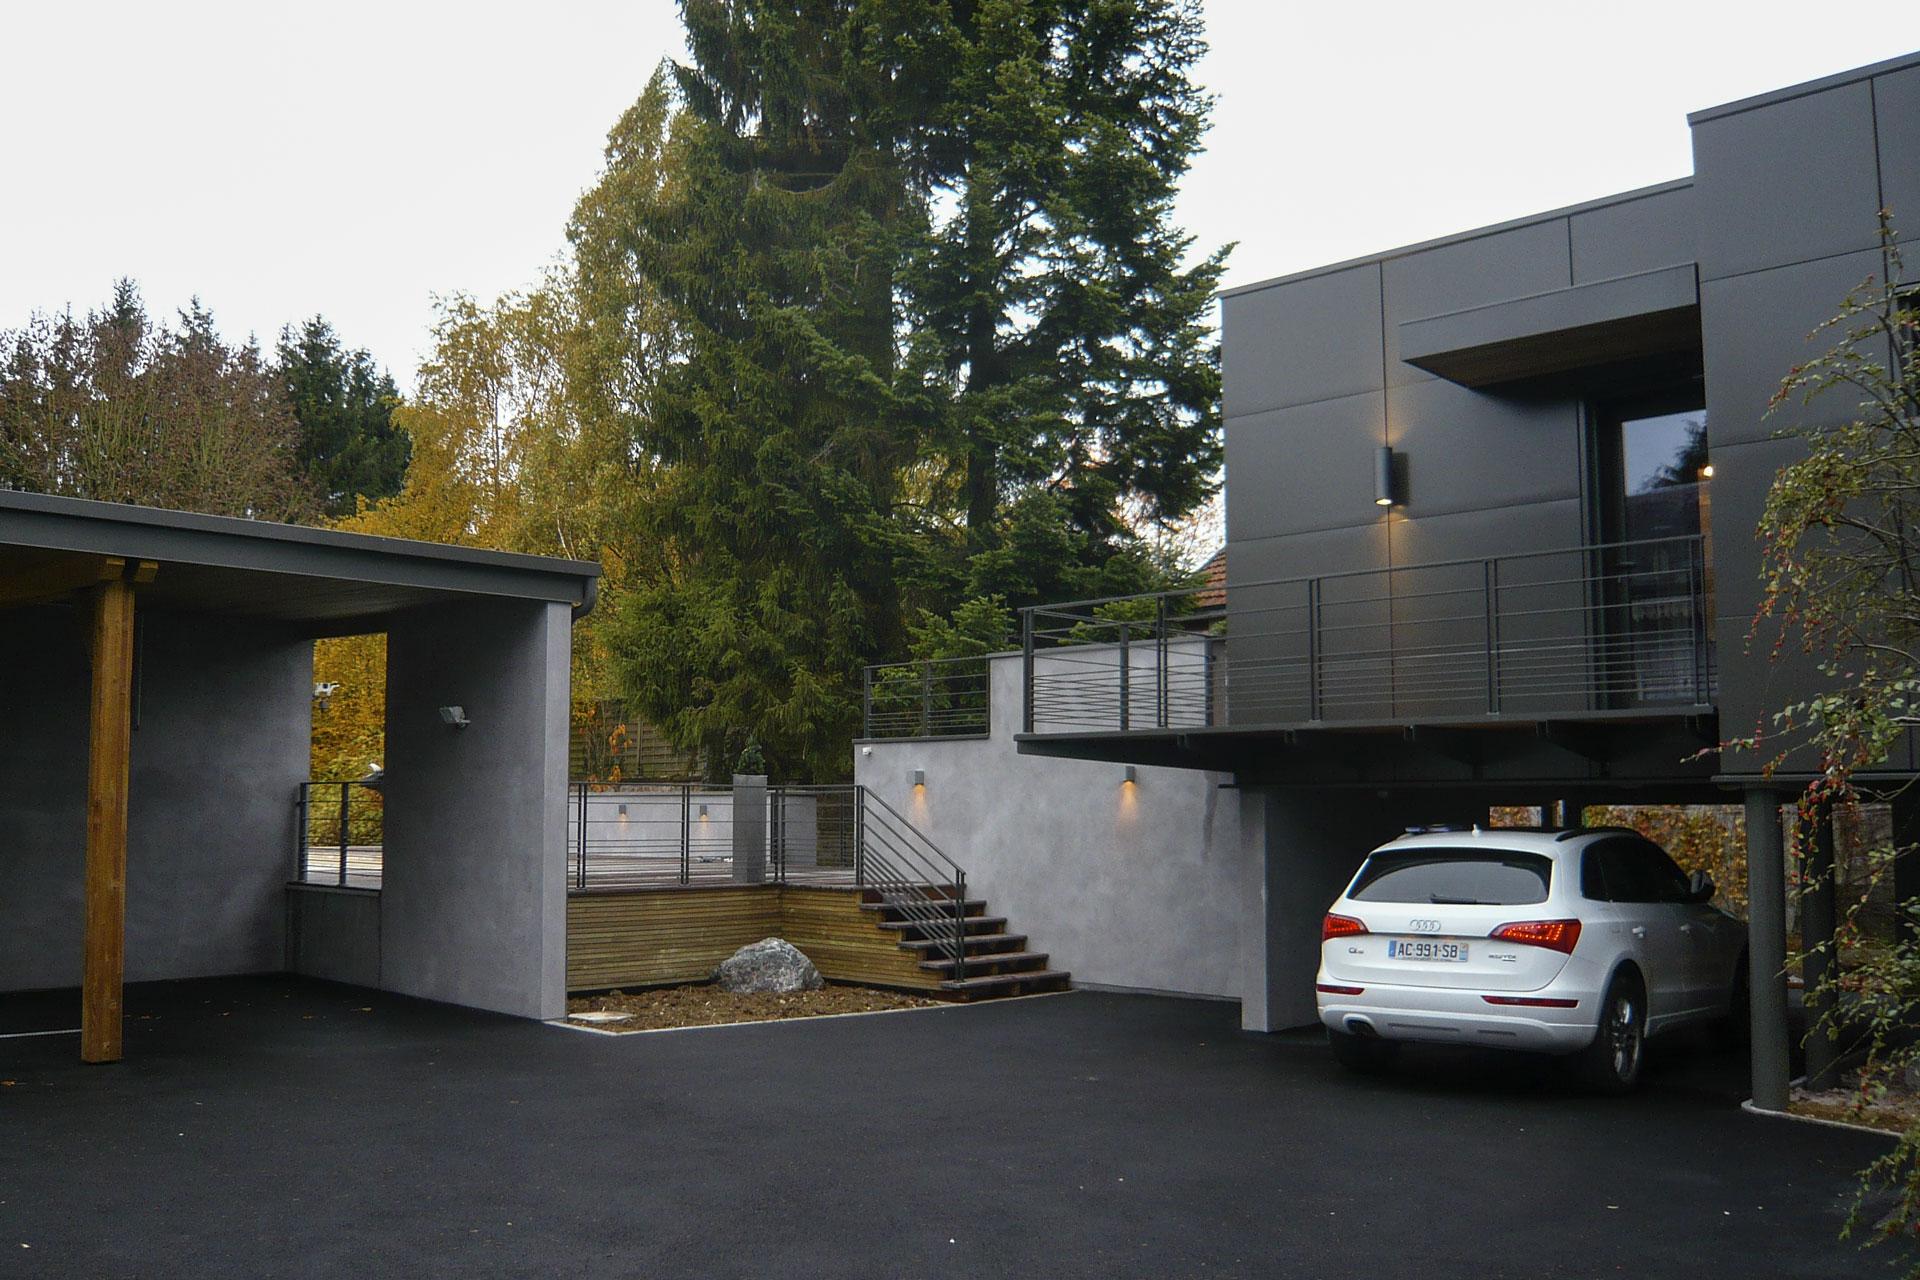 Maison contemporaine 08 10 for Maison moderne nancy